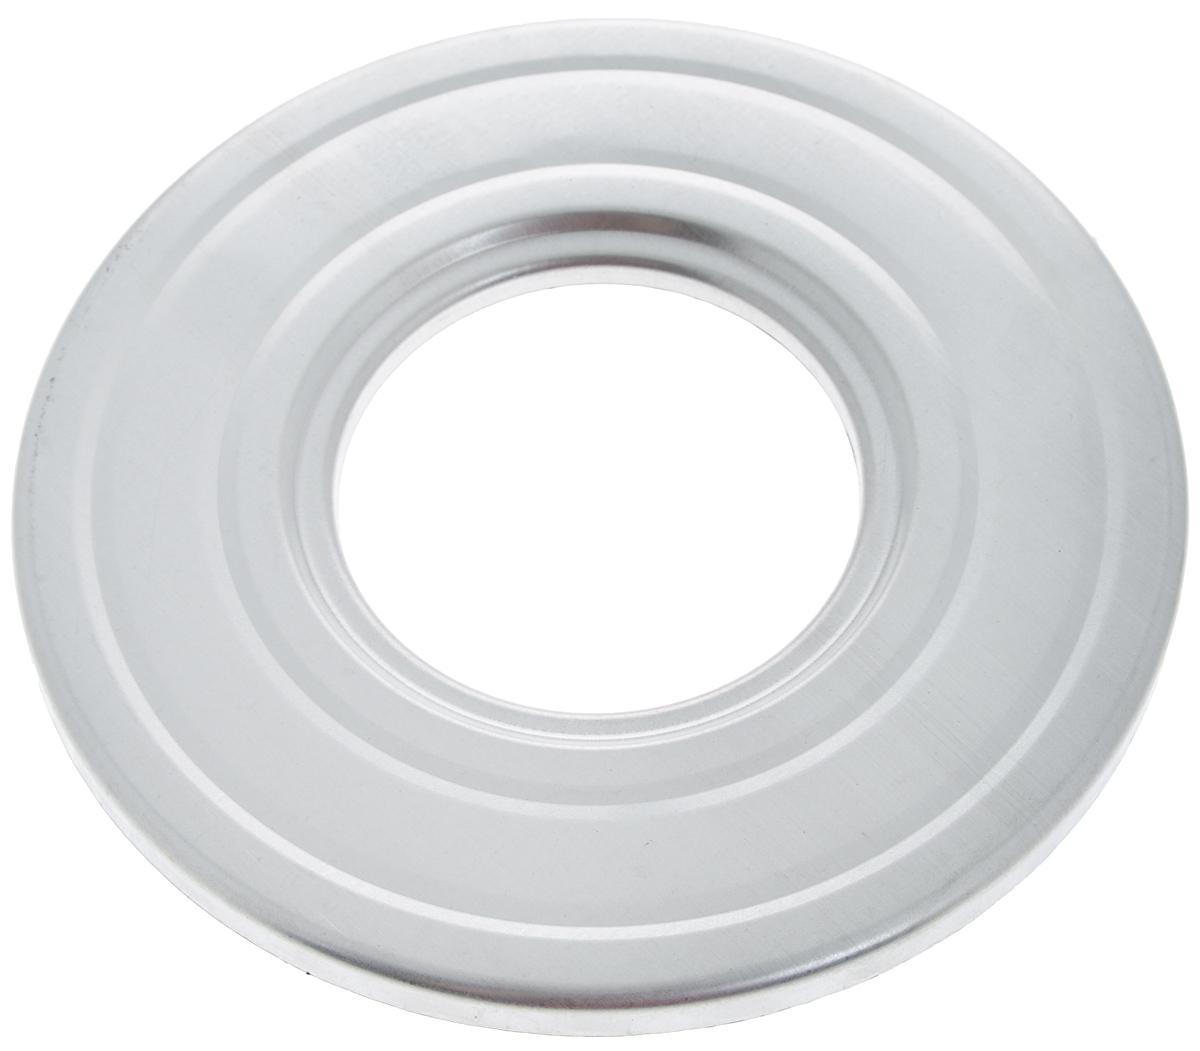 Приспособление 3М, для стерилизации банки21395599Приспособление 3М, изготовленное из алюминия, предназначено для быстрой и эффективной стерилизации банок. Спелые помидоры, сочные огурцы и перцы или сладкий джем и ароматное варенье - лучшие источники витаминов в холодное время года!Диаметр отверстия для банки: 8,5 см.